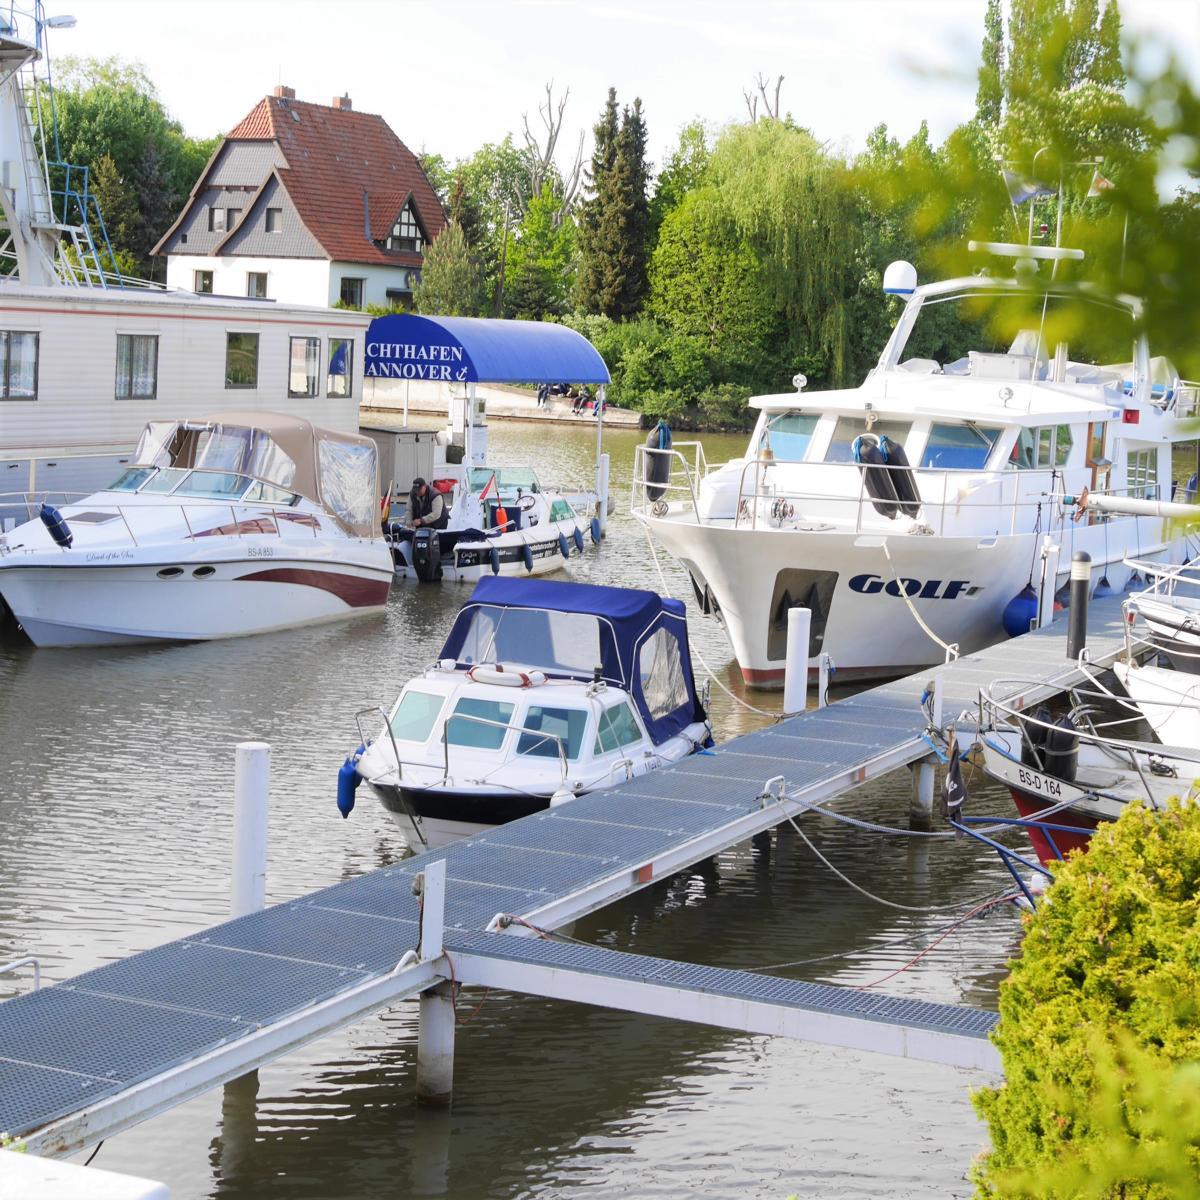 Style Hannover Bootsverleih B2 - Mit 15 Boots-Pferdestärken auf dem Kanal